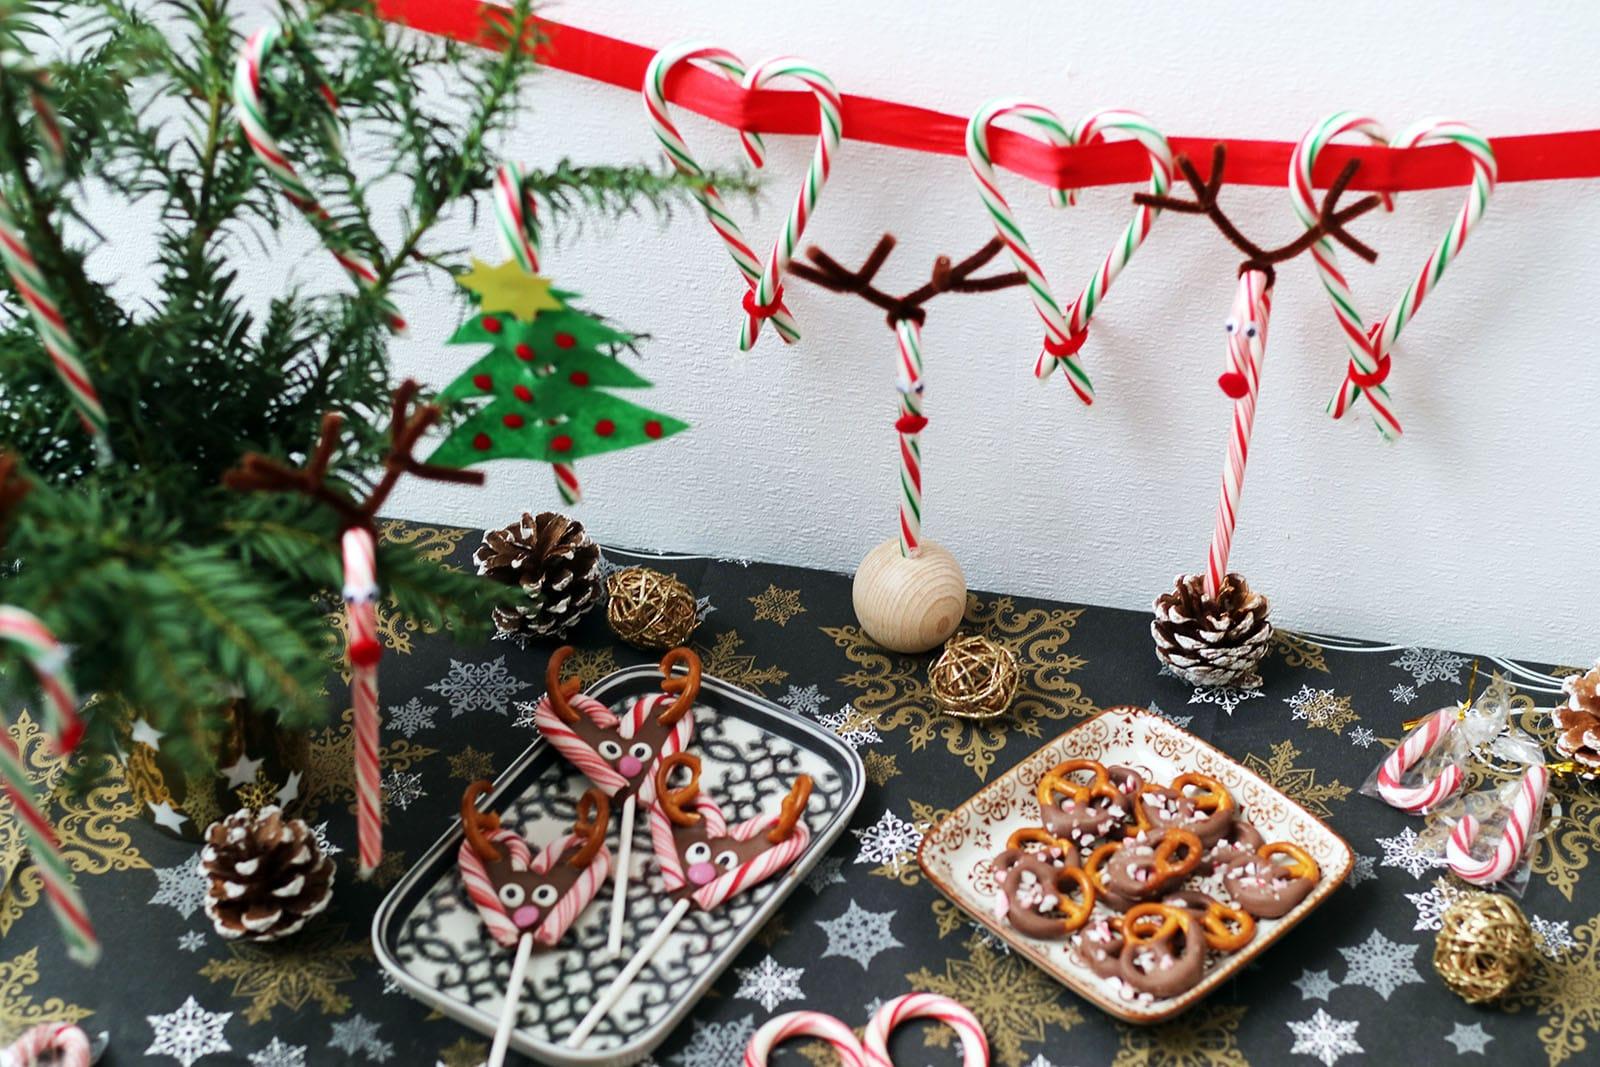 zuckerstangen deko weihnachten